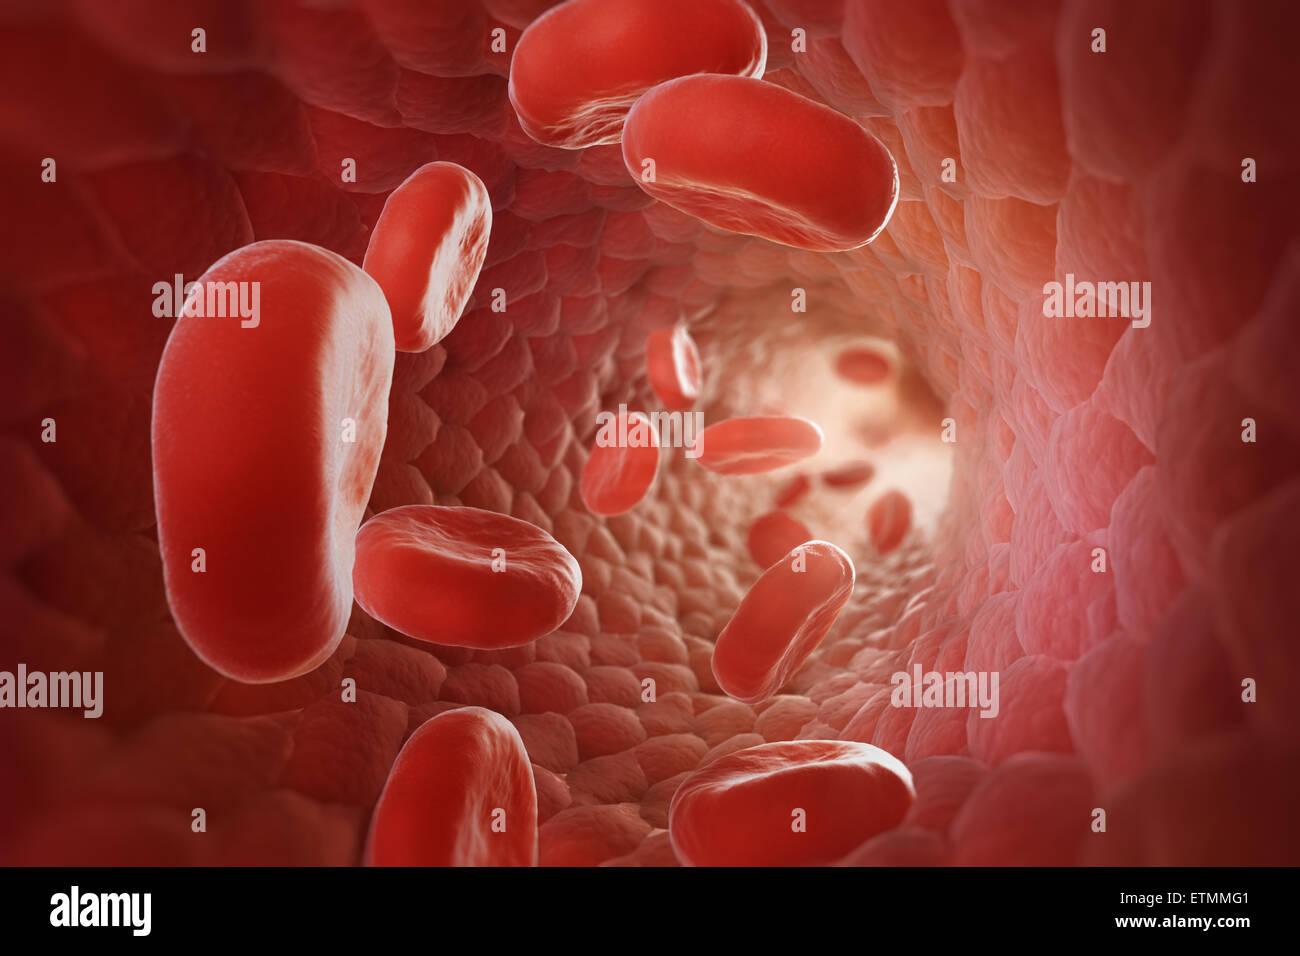 Stilisierte Darstellung, die roten Blutkörperchen fließen durch den Blutstrom. Stockbild